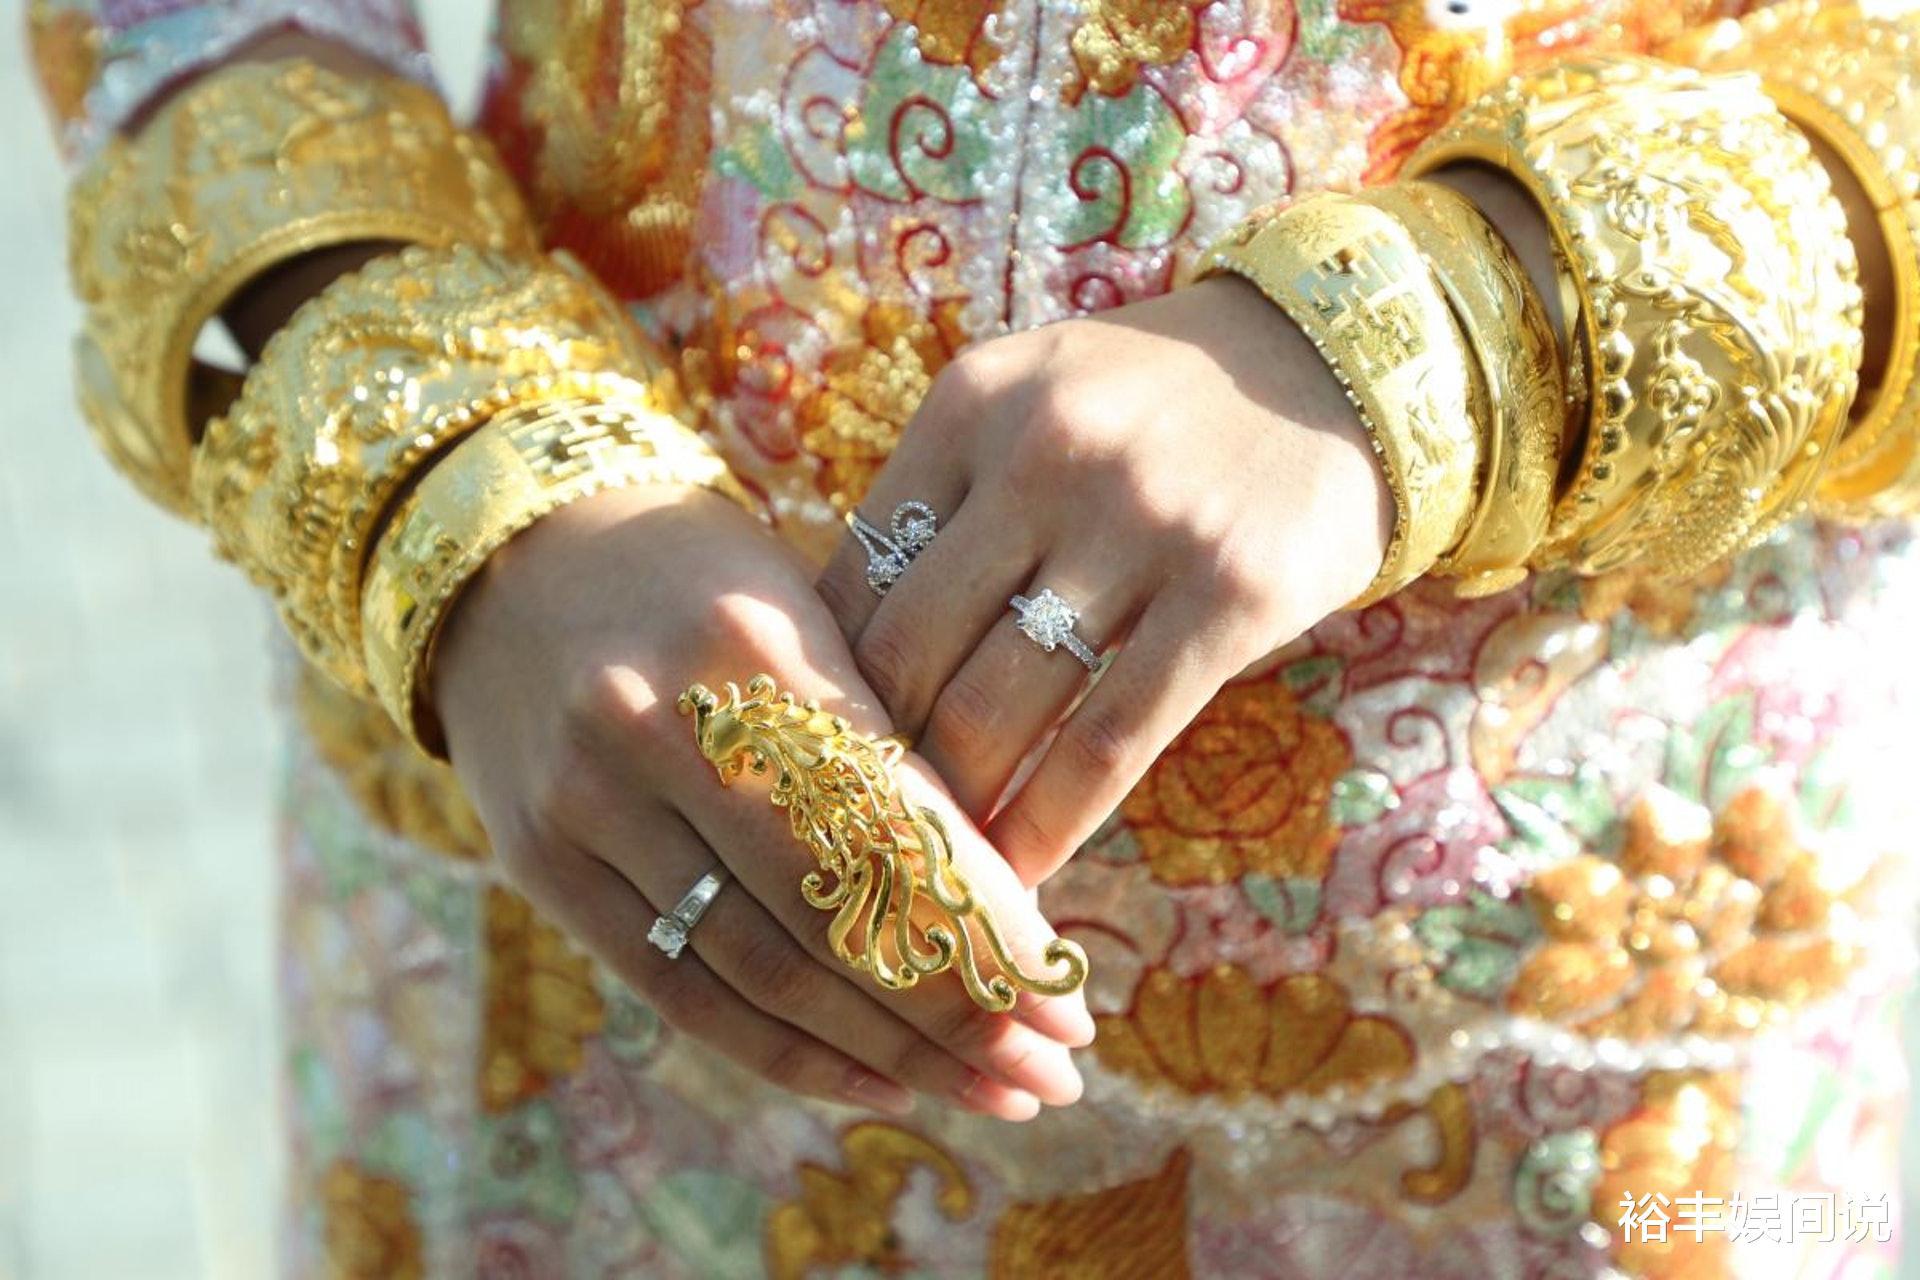 恭喜!TVB小花何雁詩今日出嫁,戴三對大龍鳳鐲,頸掛一隻大金豬-圖3